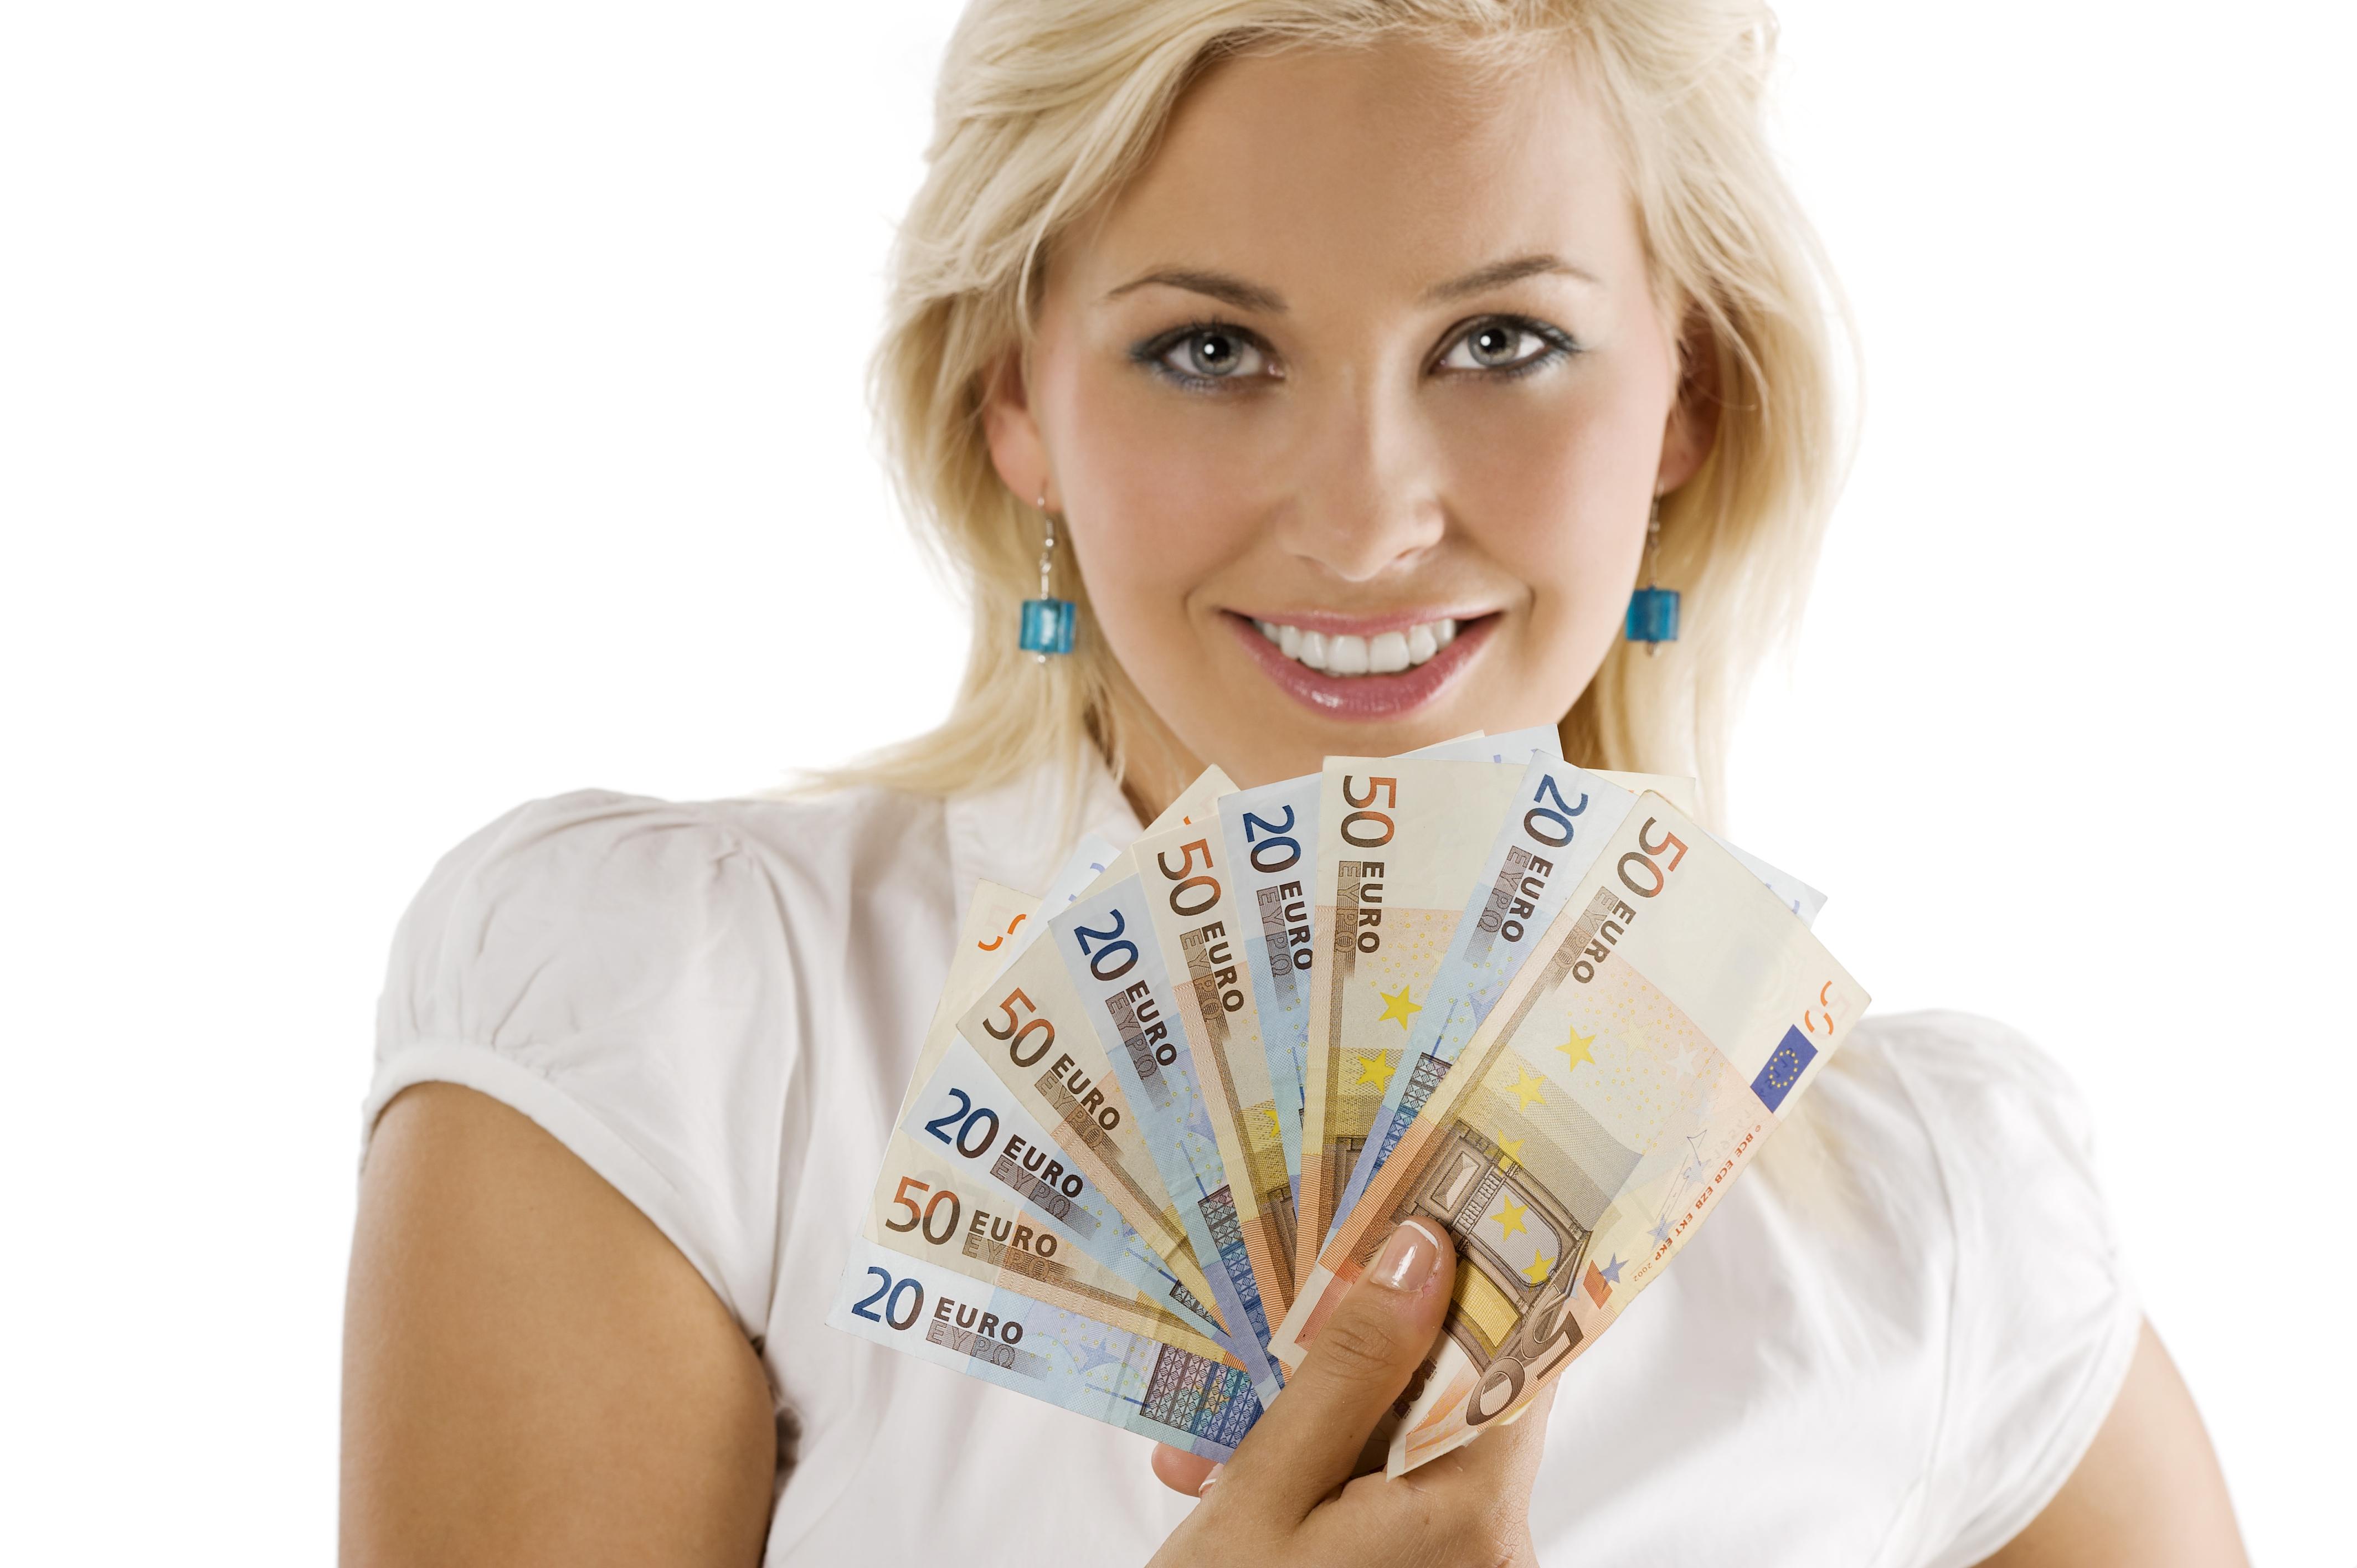 Фото девушки с деньгами блондинки 4 фотография